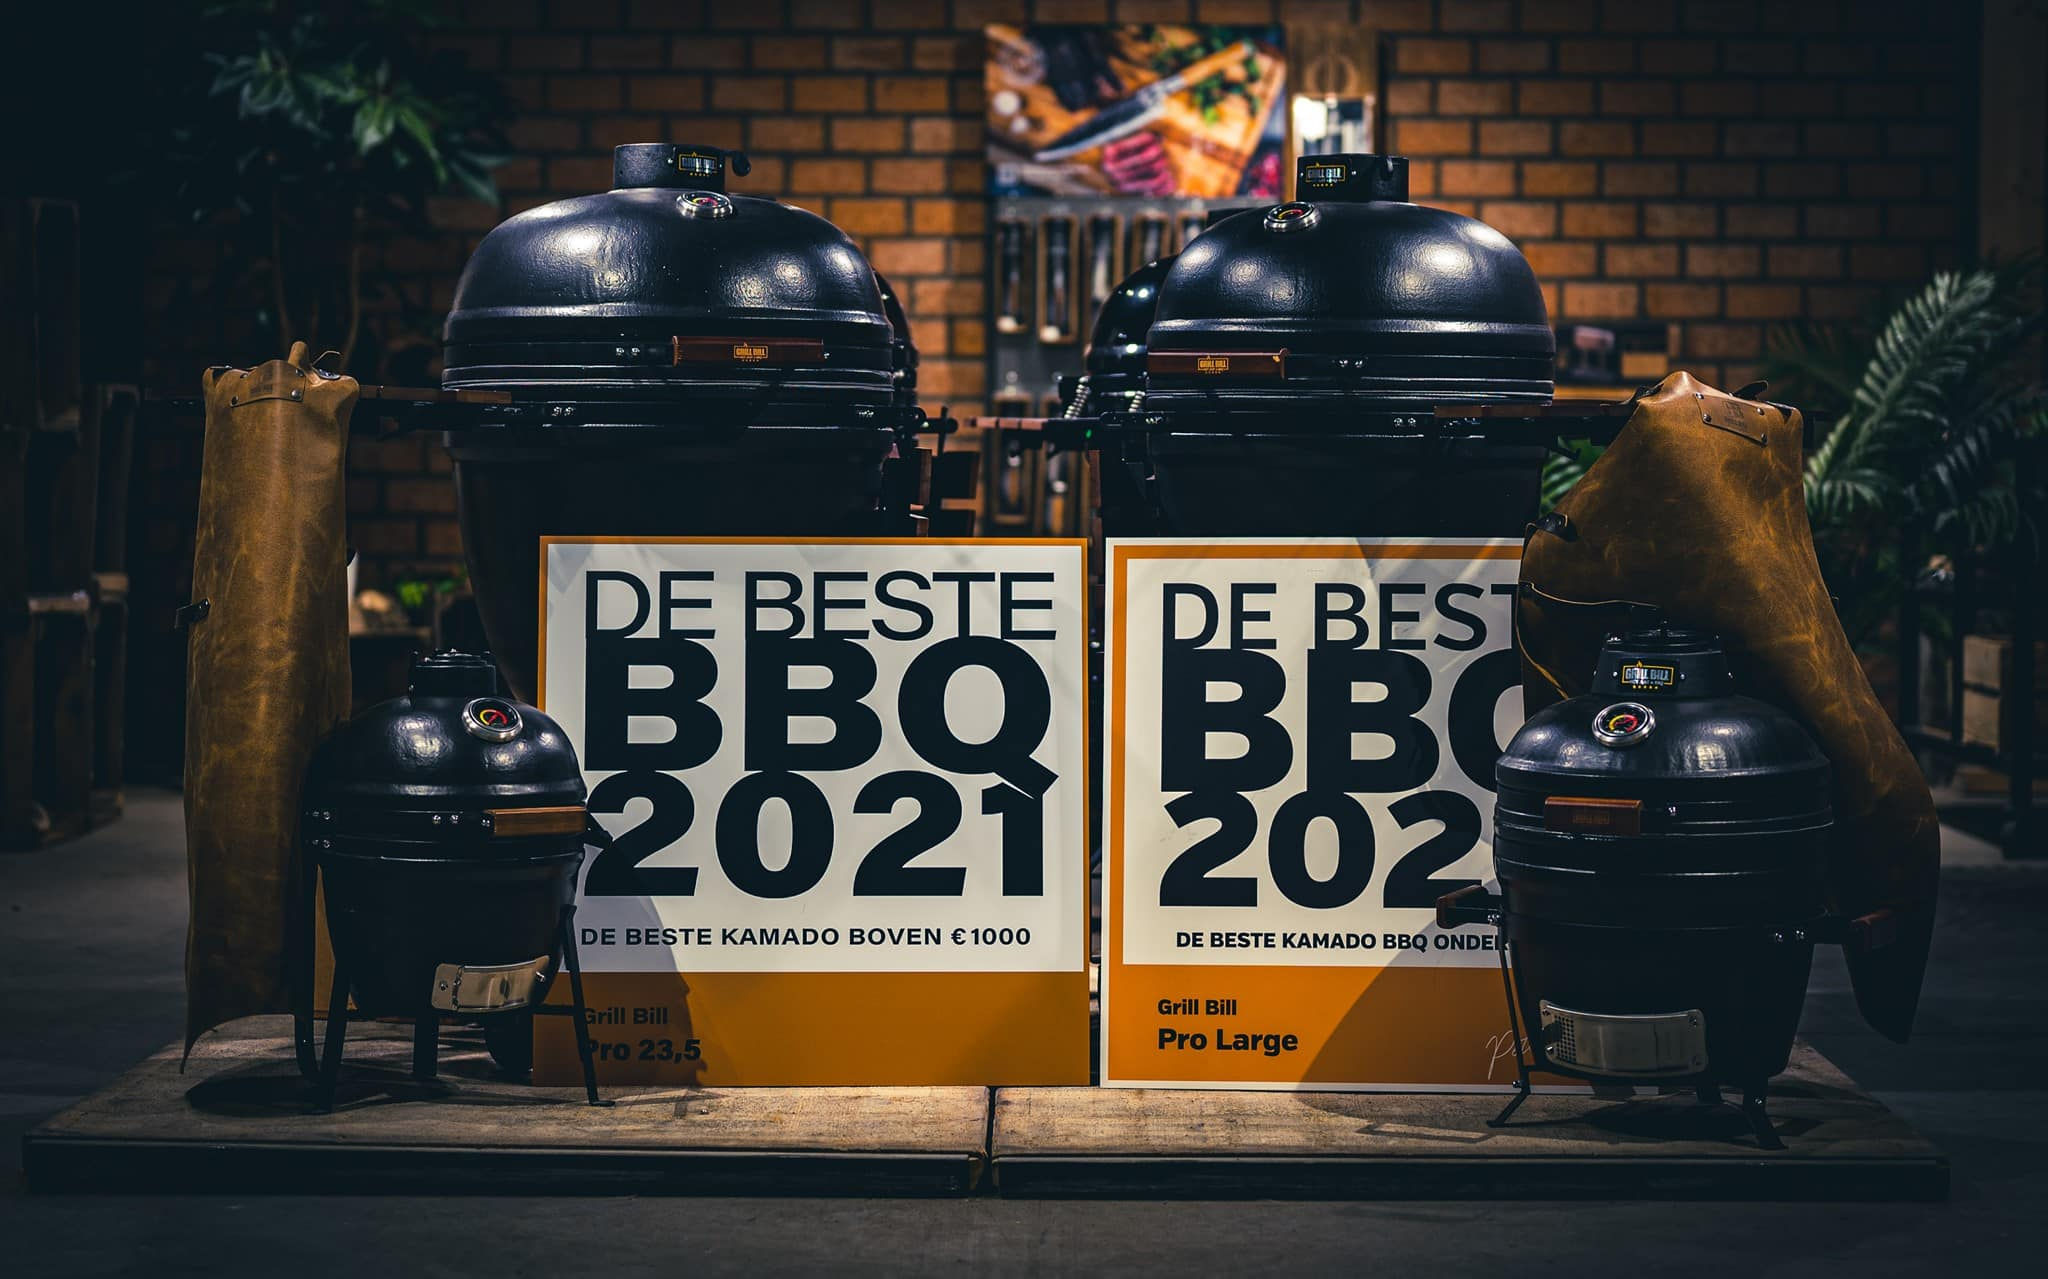 grill bill kamado beste bbq 2021 en 2020